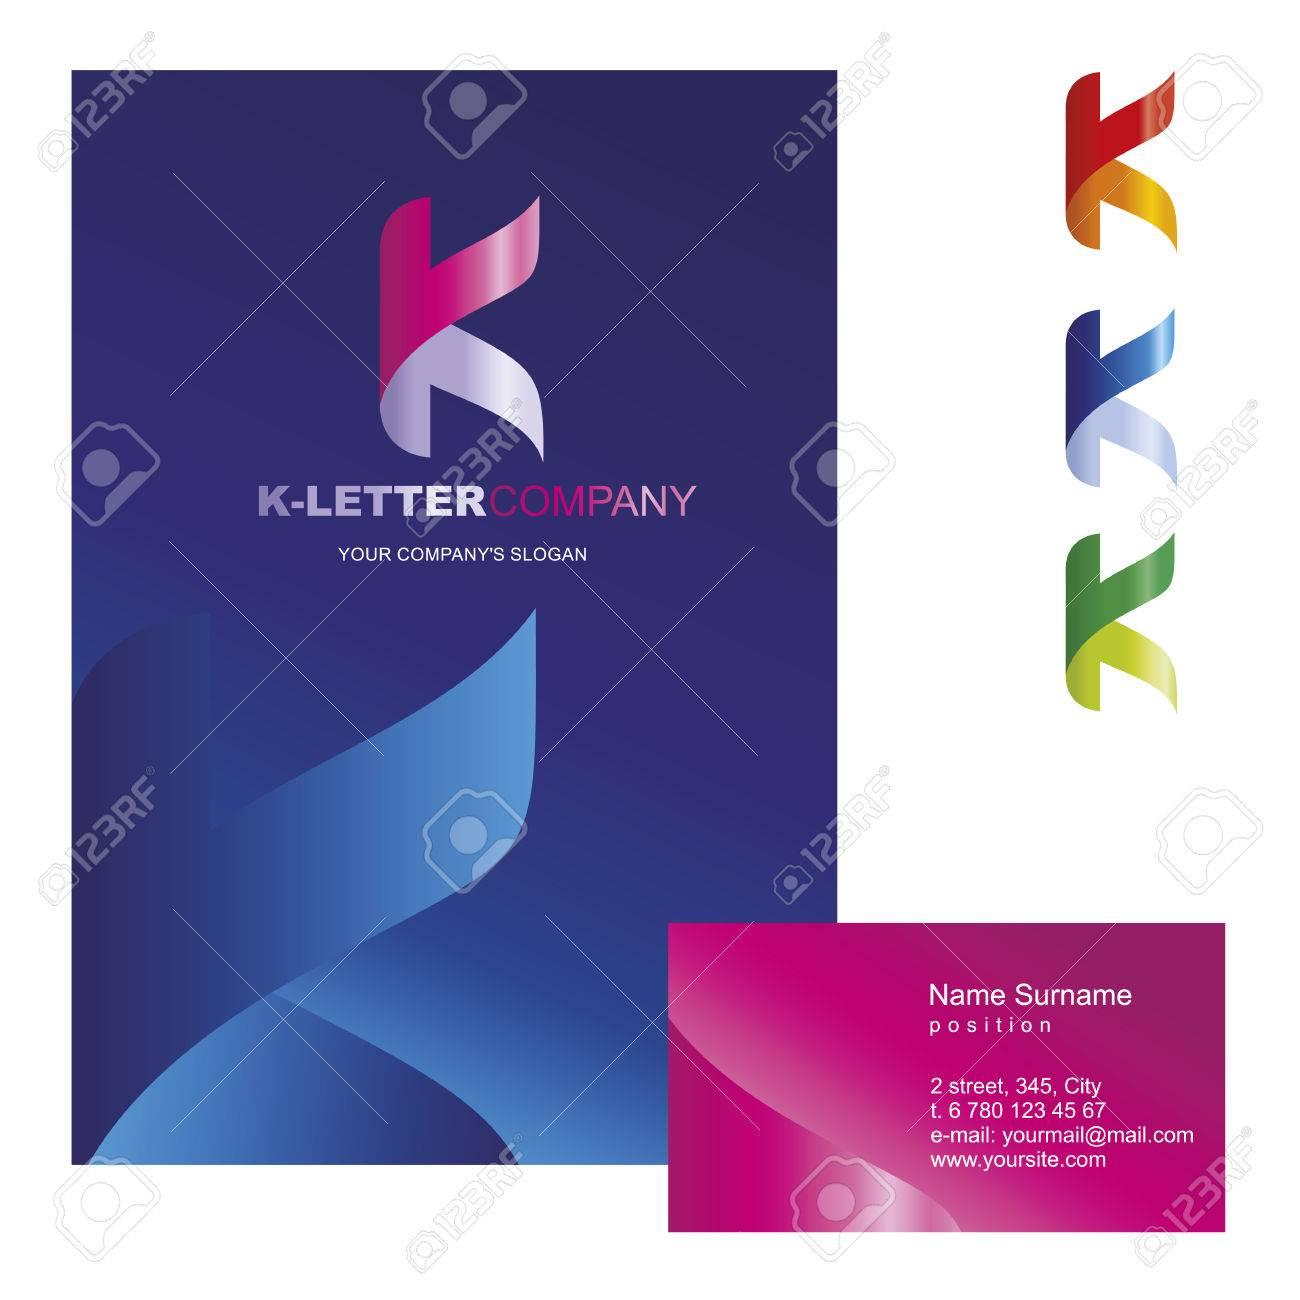 K Carta - Vector De Diseño De Logotipo Ilustración Del Concepto ...